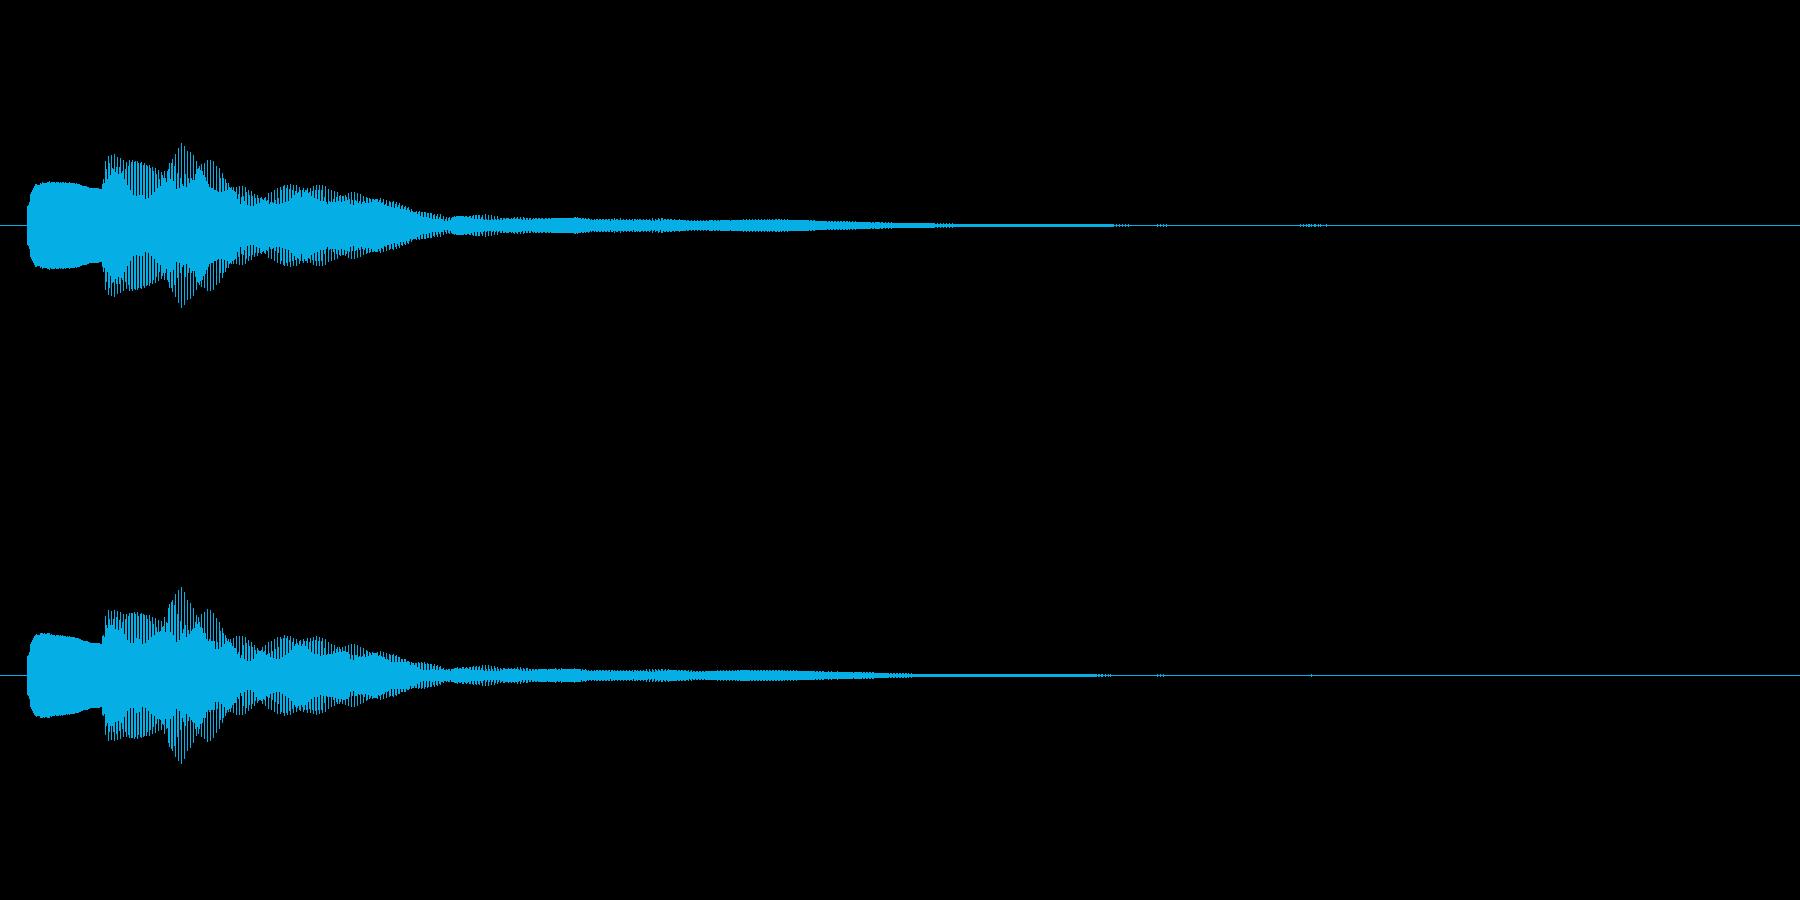 【キラリン】カリンバのかわいい効果音の再生済みの波形